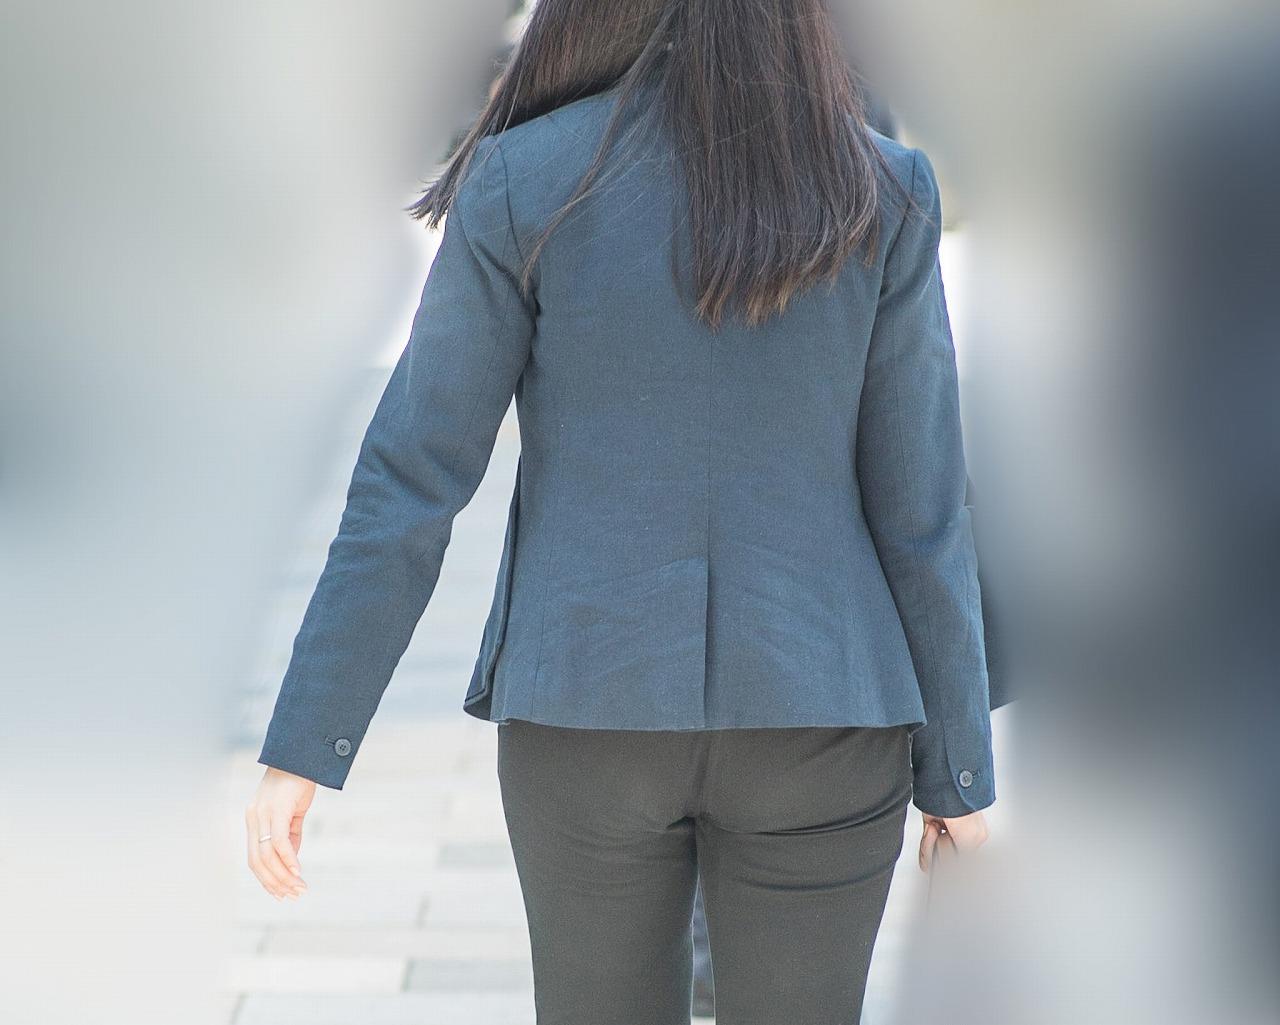 大きめプリケツ!を恥ずかしそうにジャケットで半分隠したお嬢さん!